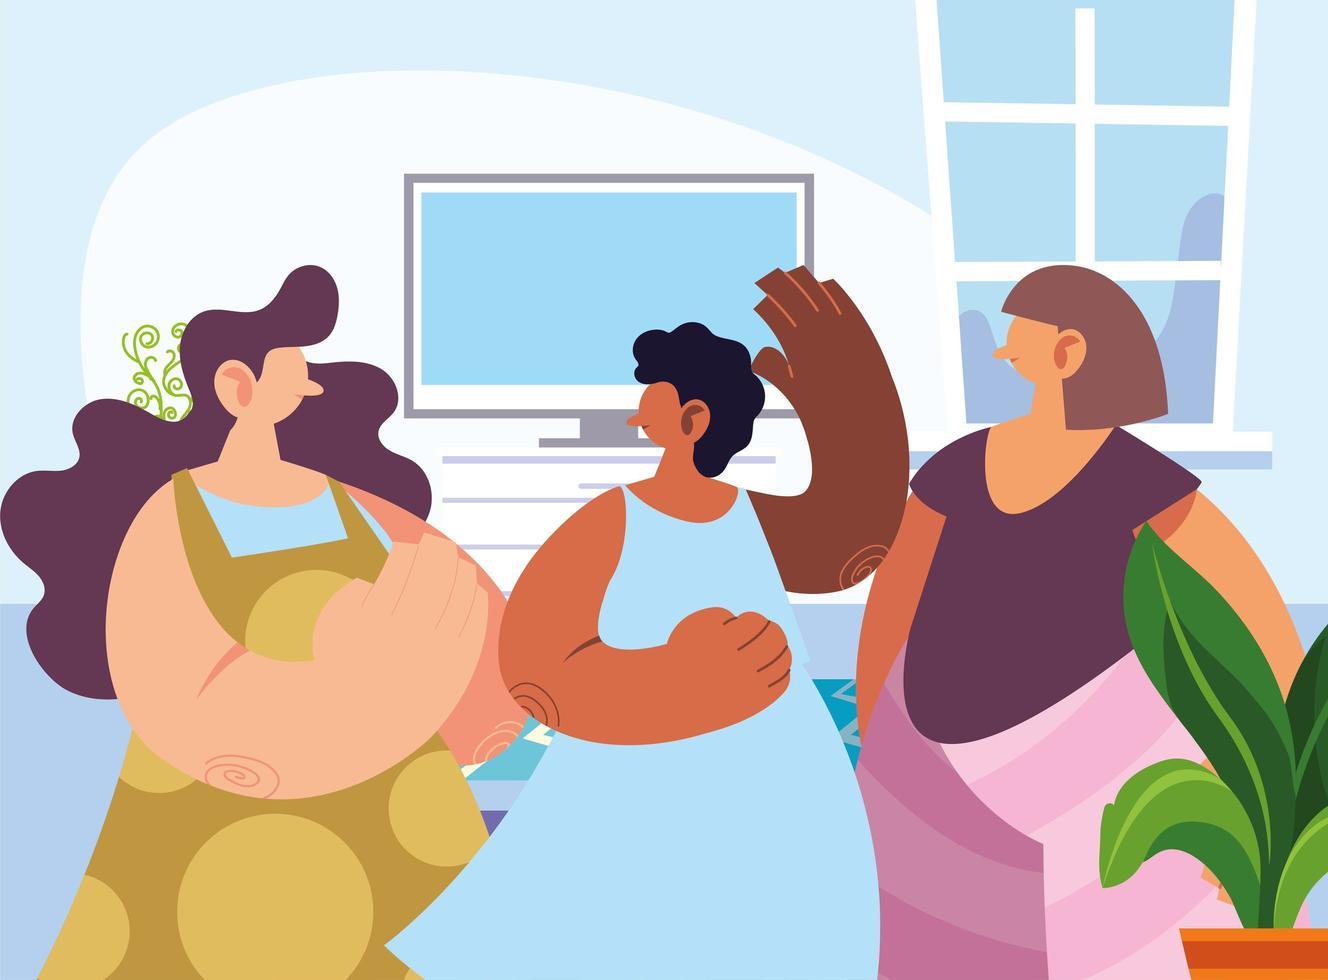 kvinnor samlades och delade hemma vektor